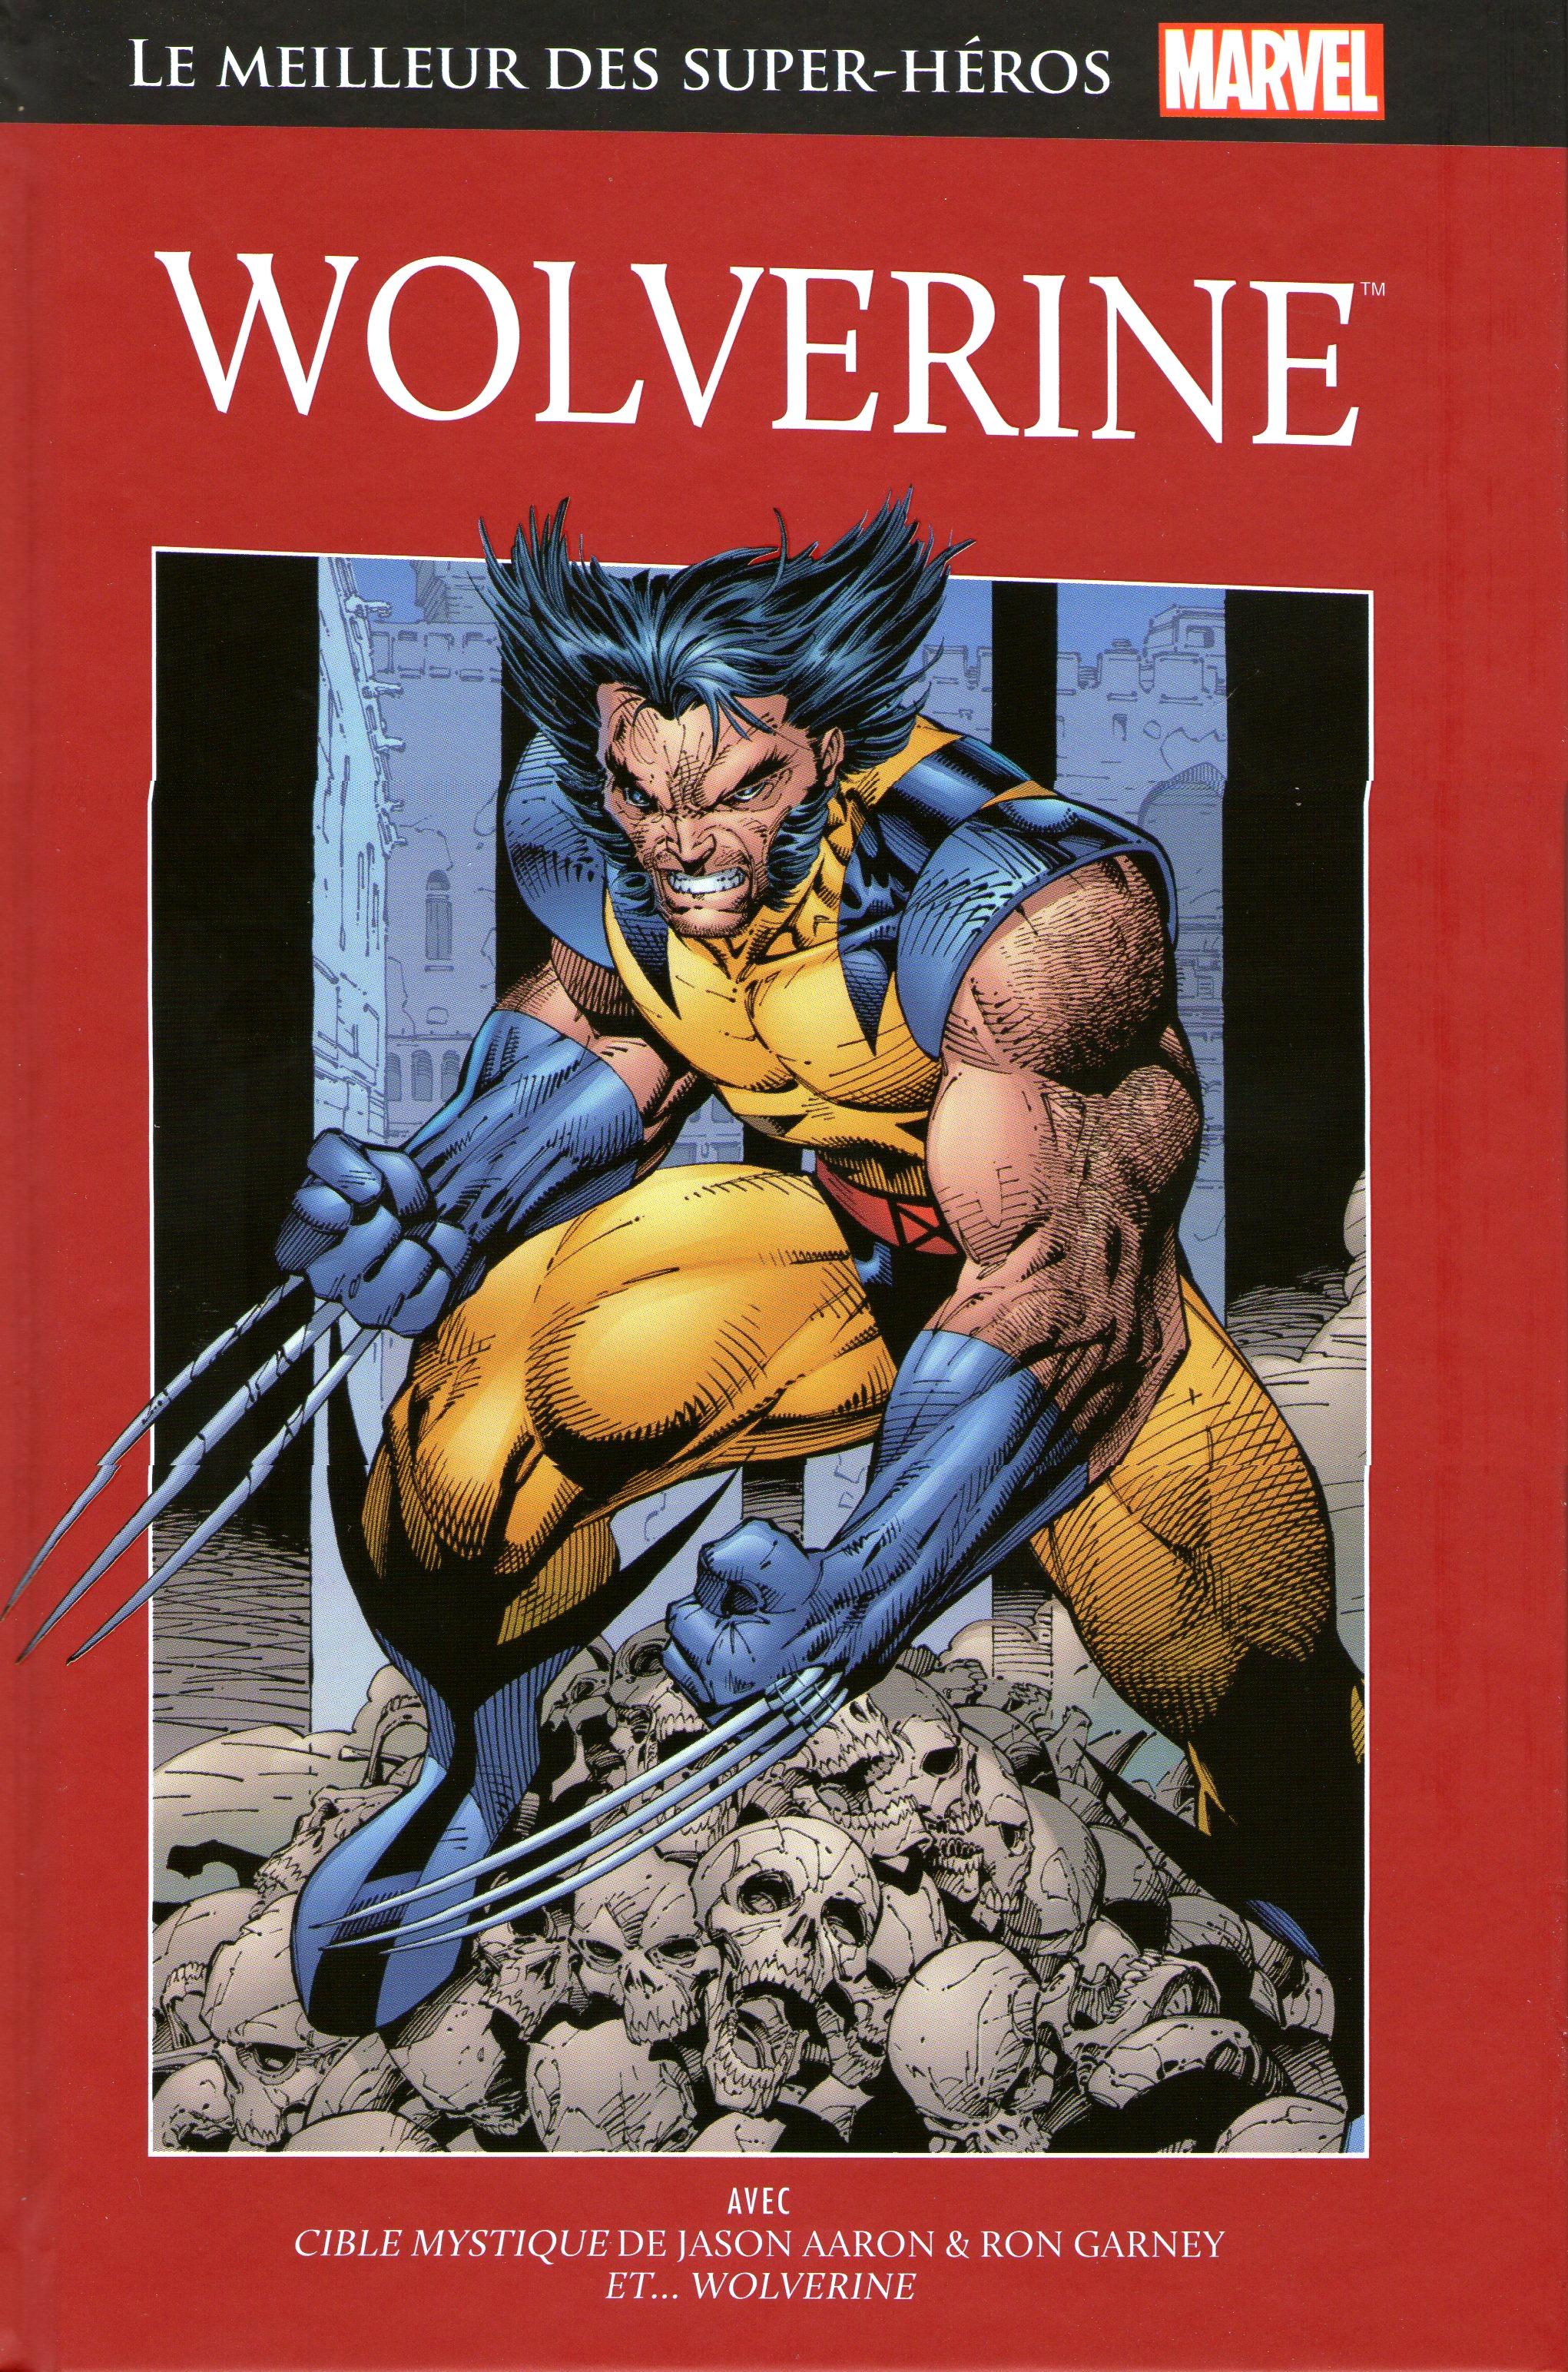 Le Meilleur des Super-Héros Marvel 3 - Wolverine